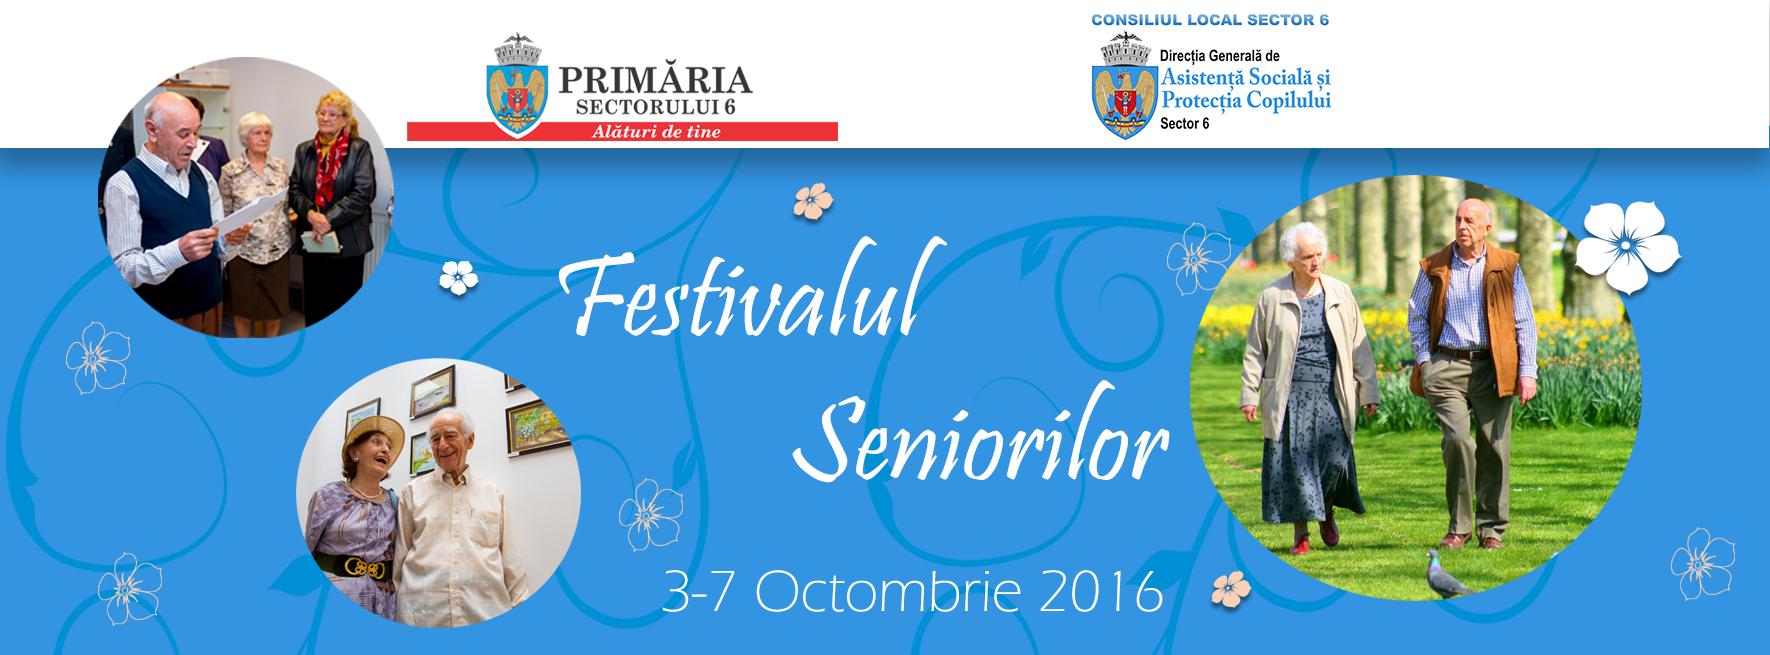 festivalul-seniorilor-1